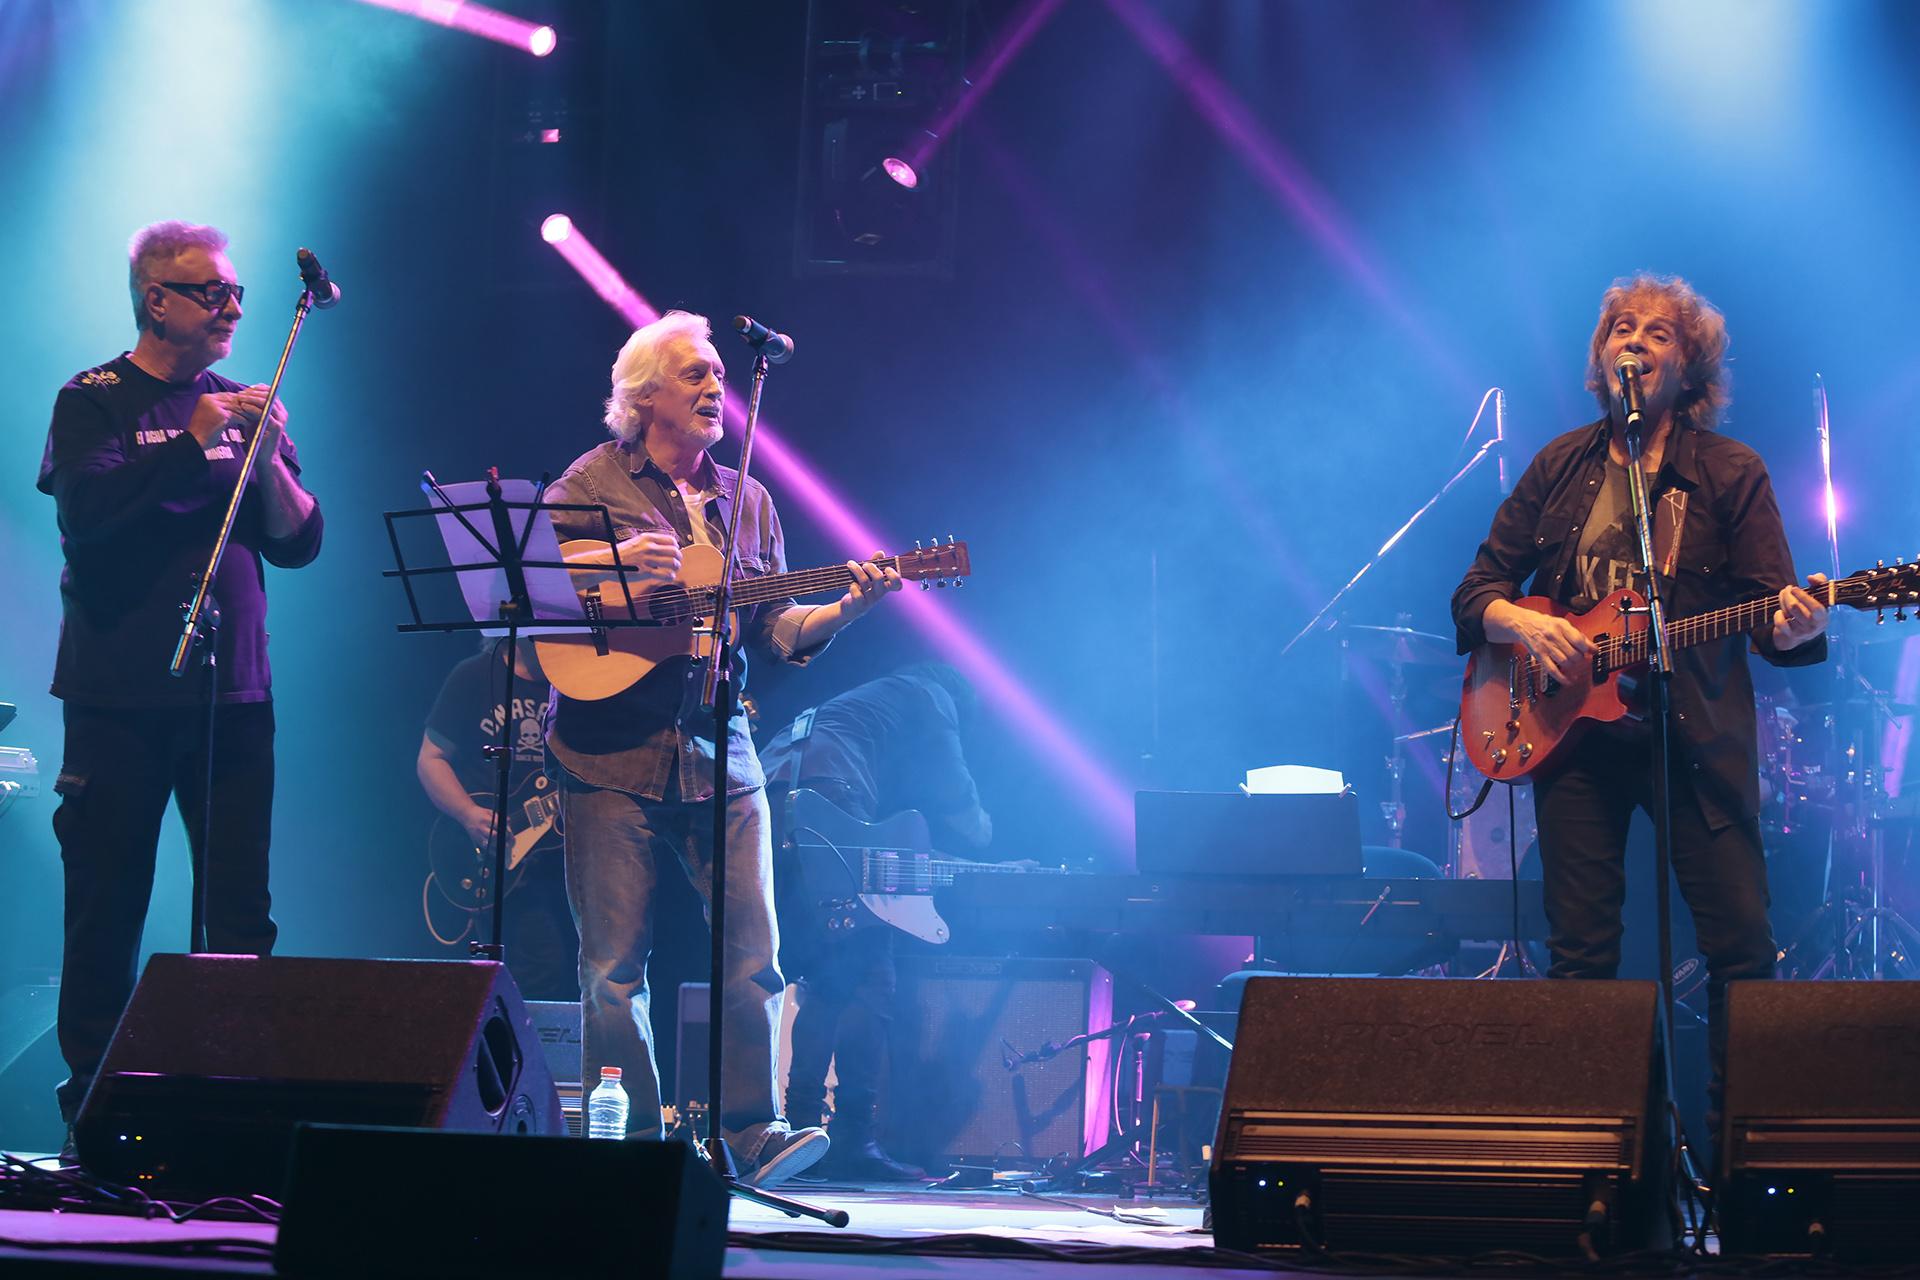 Sobre el escenario, una buena parte de la historia grande del rock nacional: Gieco, Mestre y Porchetto